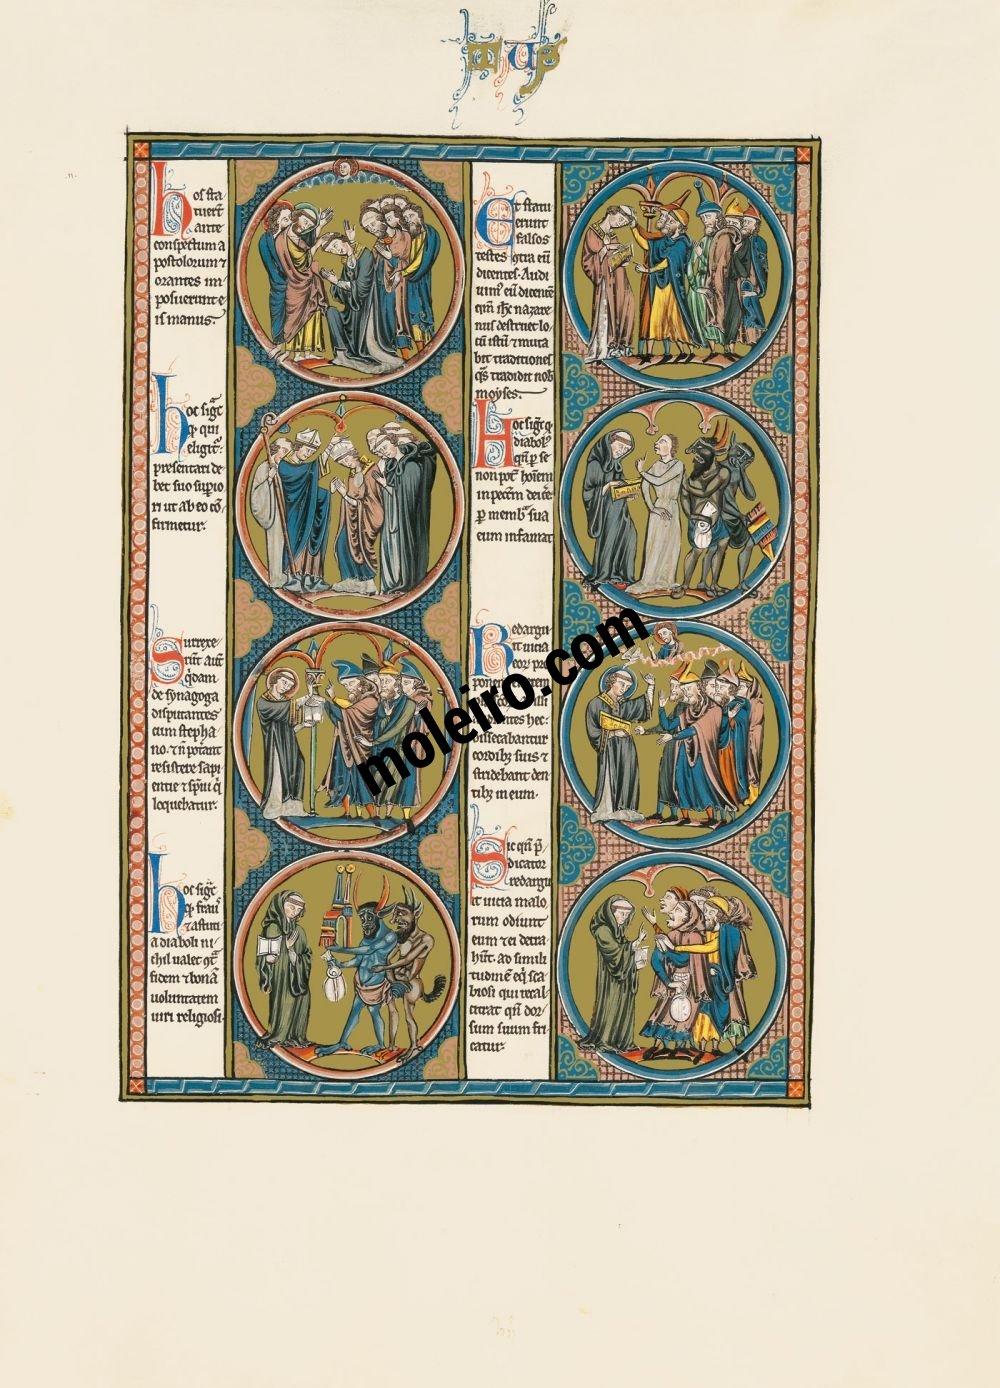 Biblia de San Luis vol.3, f. 90r